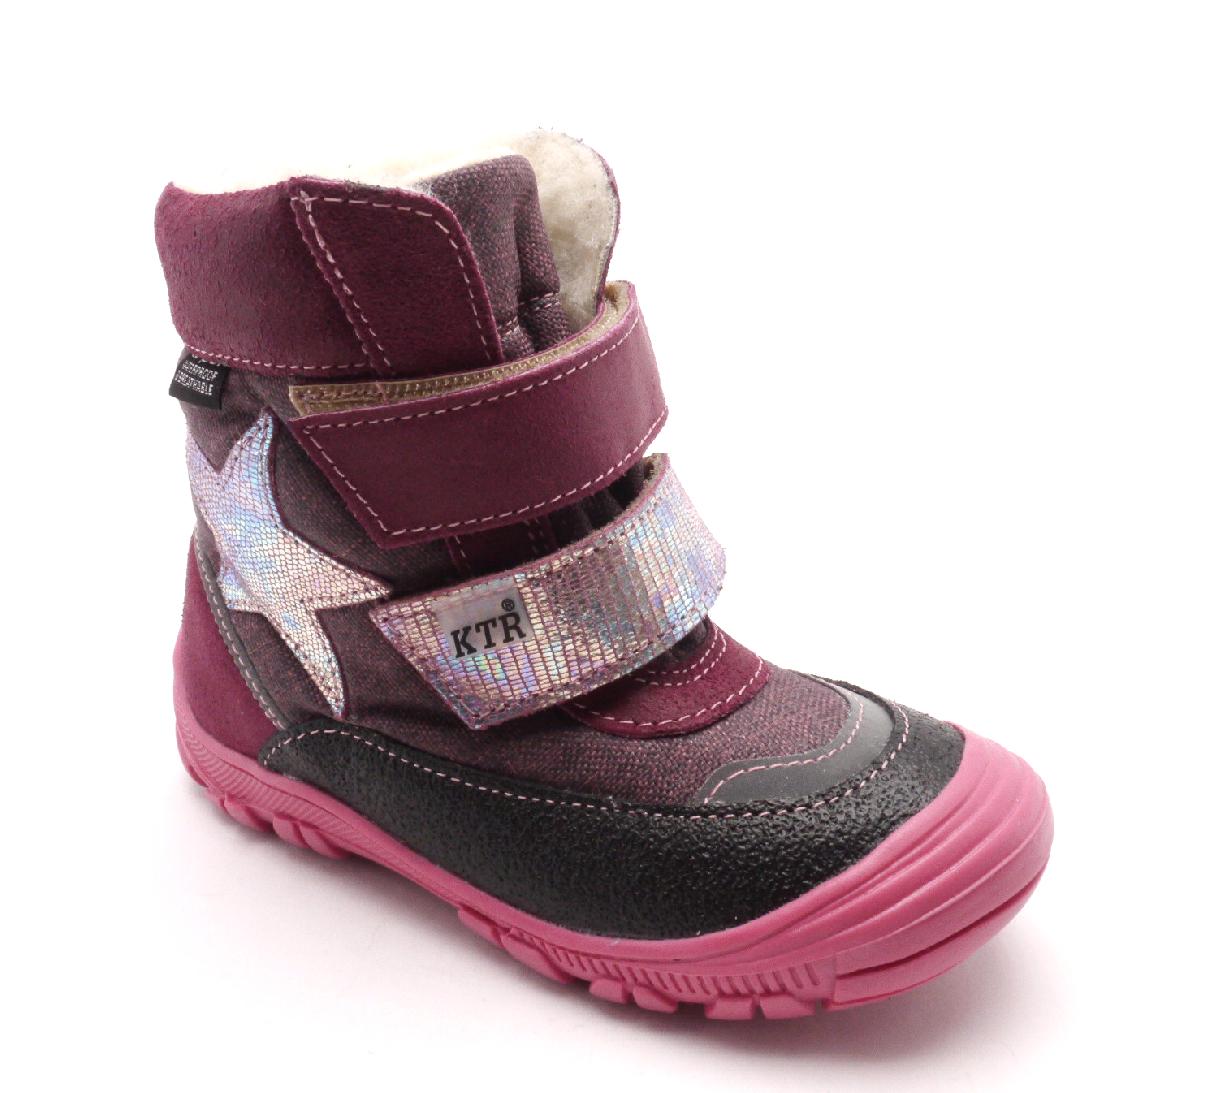 Konsorcium Dětská zimní kotníčková obuv 316/1/N2 Fuxia Velikost: 26